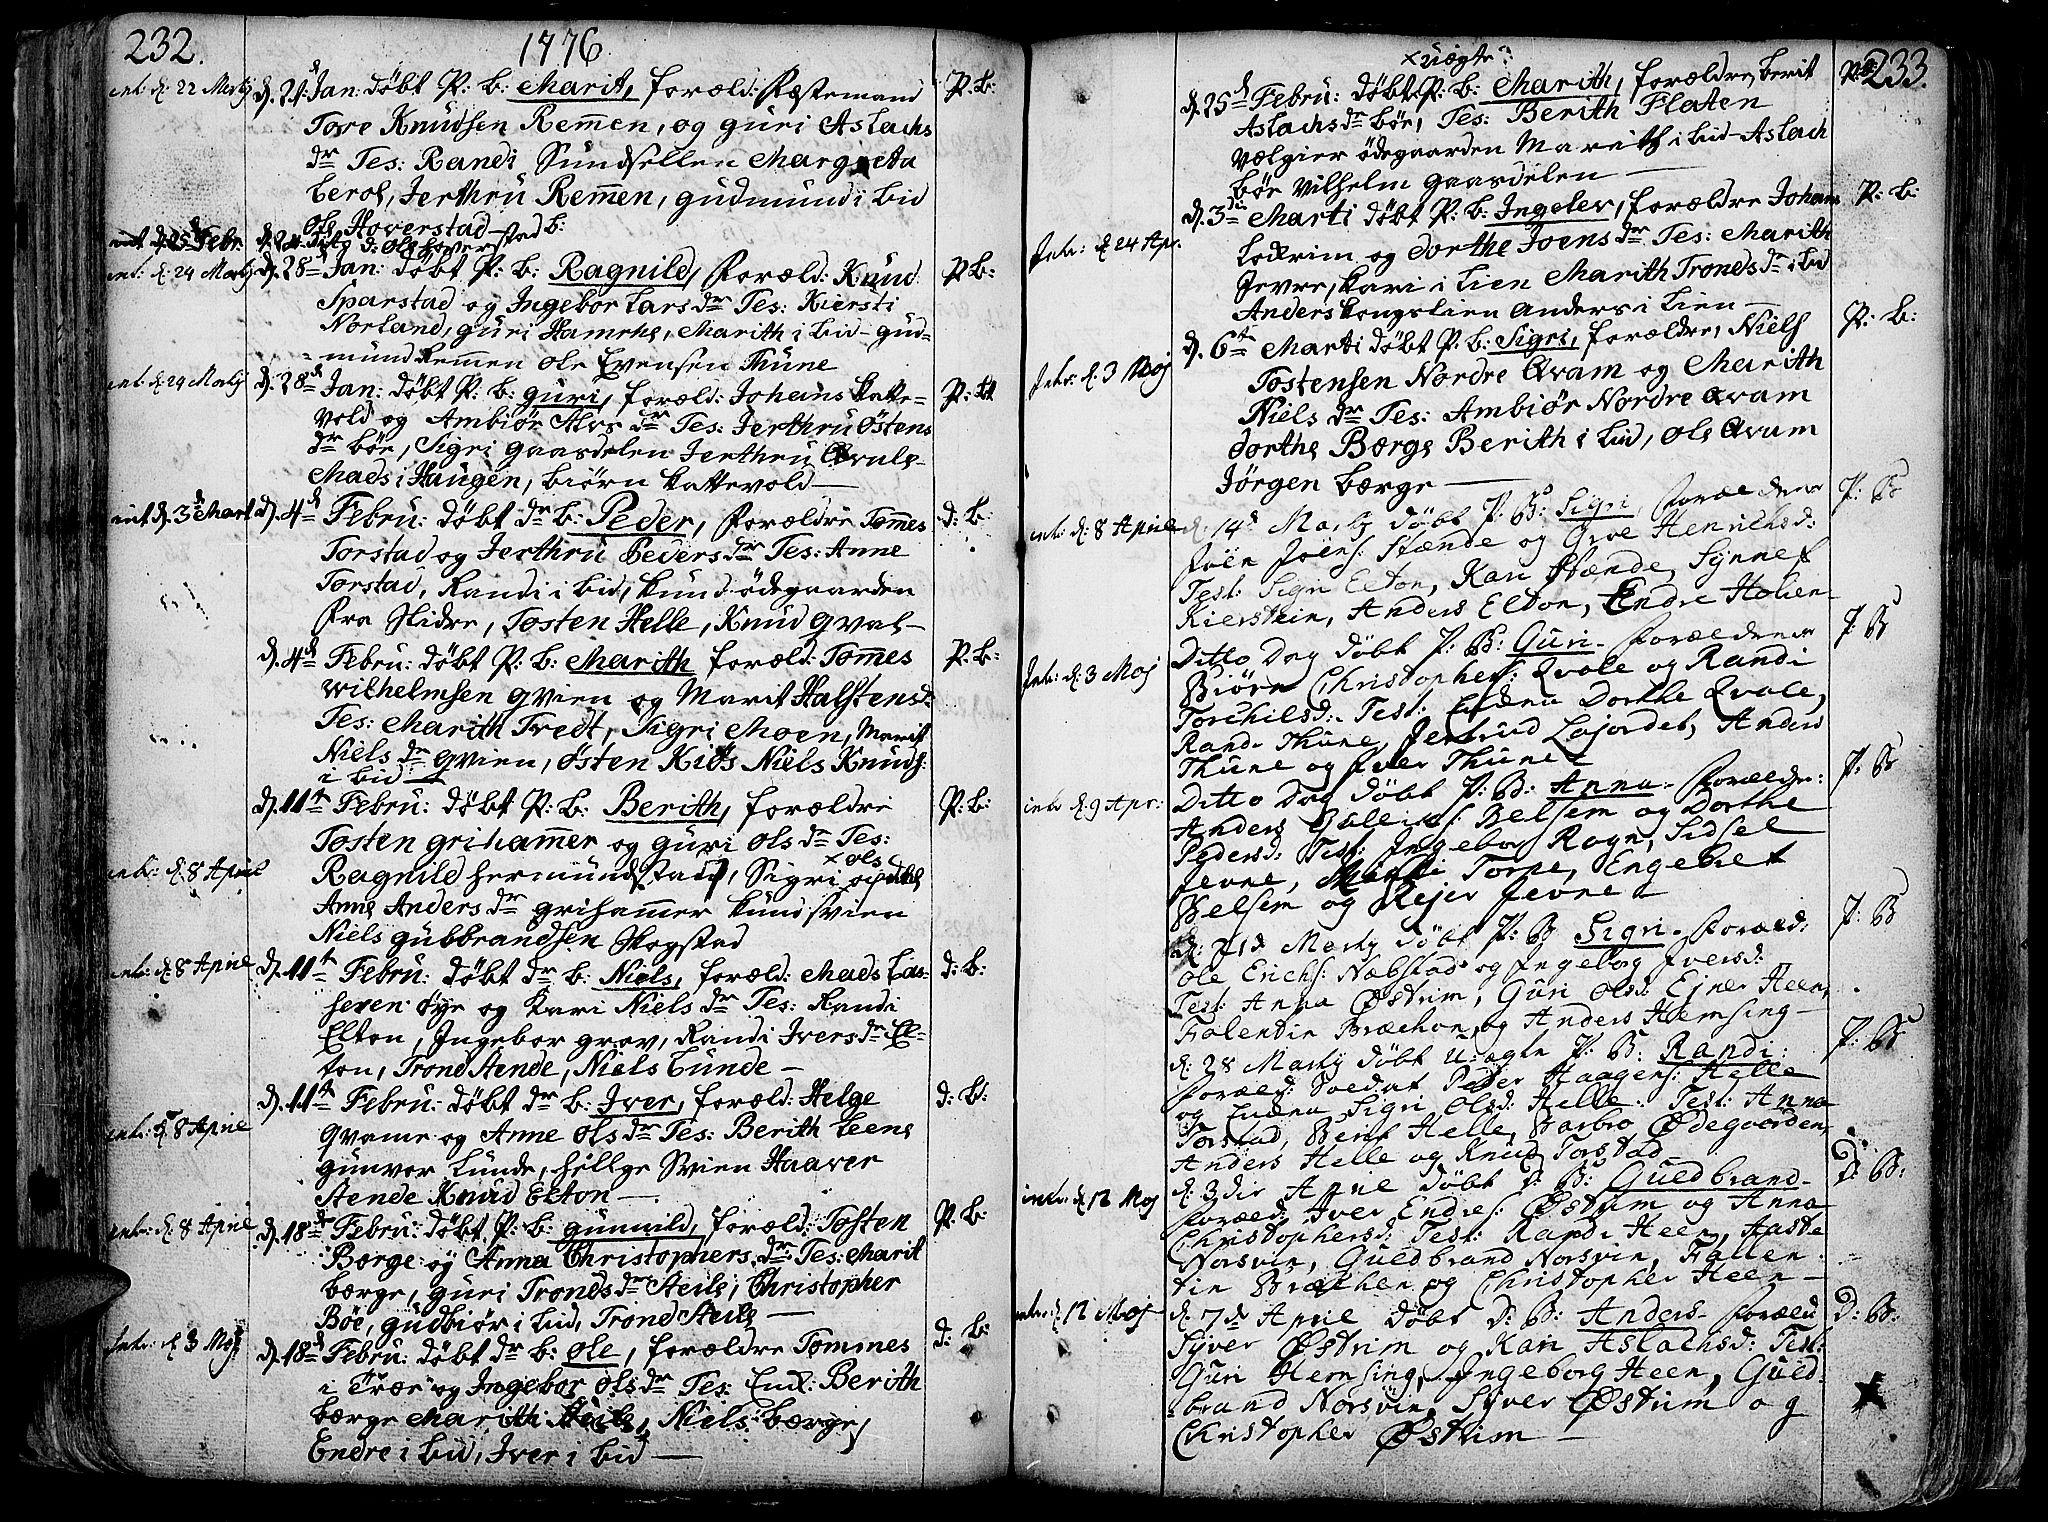 SAH, Vang prestekontor, Valdres, Ministerialbok nr. 1, 1730-1796, s. 232-233